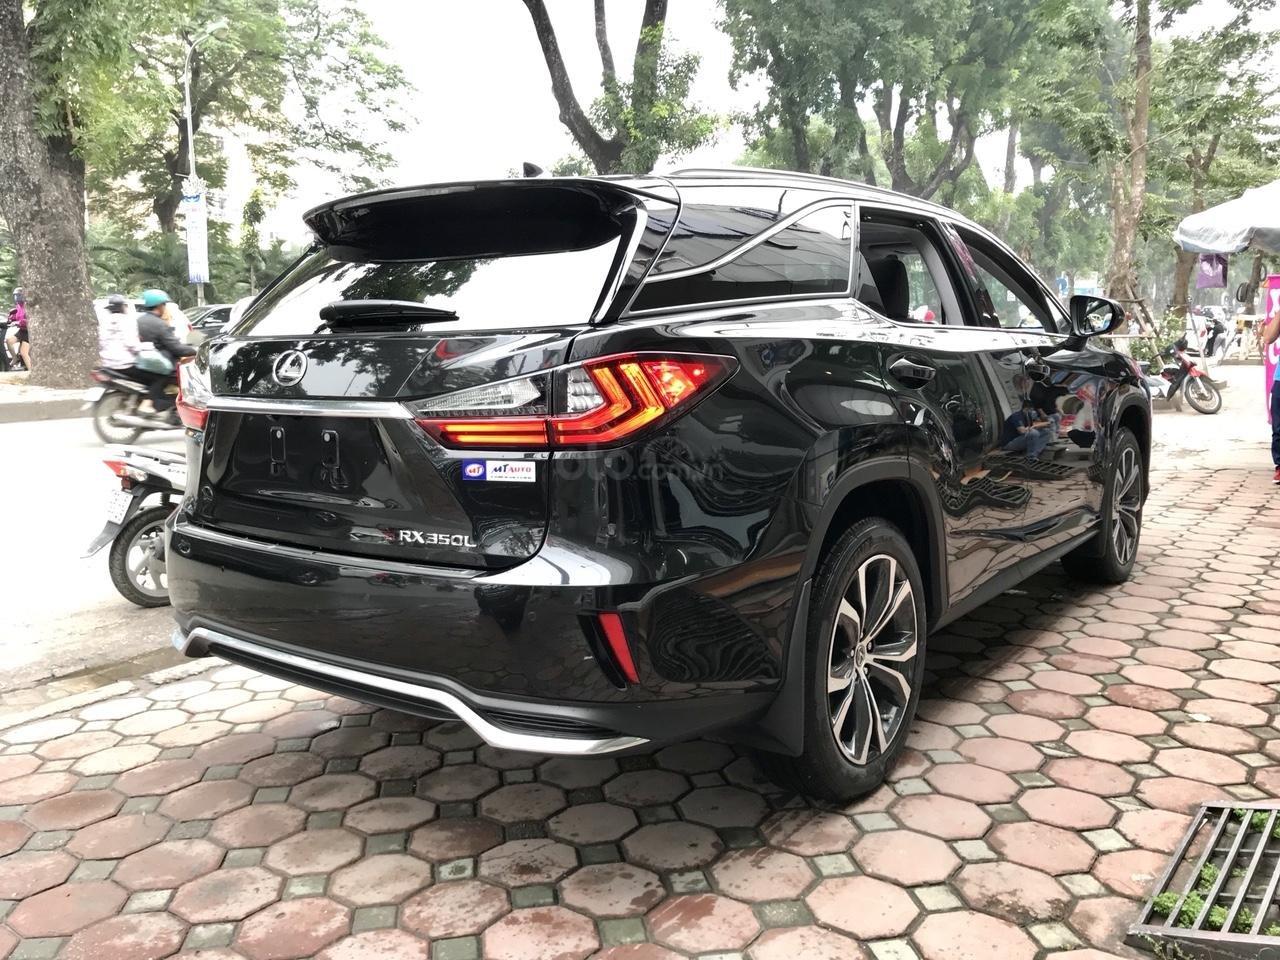 Bán Lexus RX 350L 6 chỗ đời 2019, xe nhập Mỹ, giá tốt, giao ngay, LH 094.539.2468 Ms Hương (3)